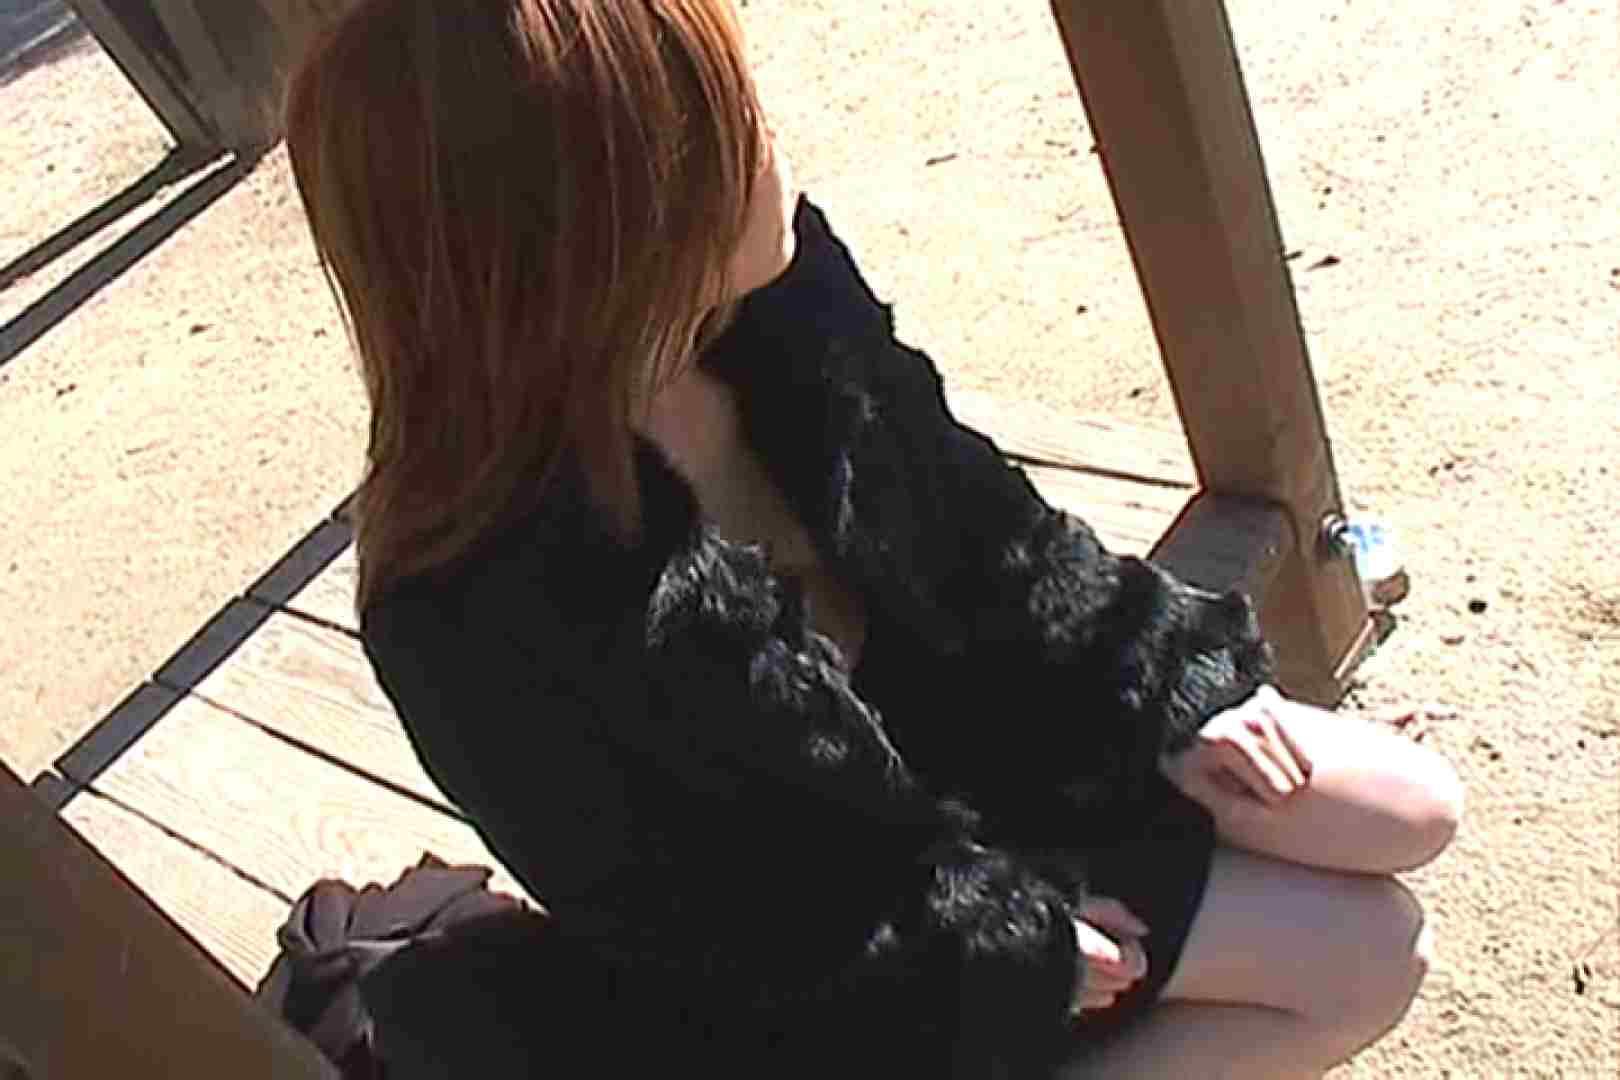 胸の隙間にご用心Vol.4 乳首 スケベ動画紹介 93画像 67